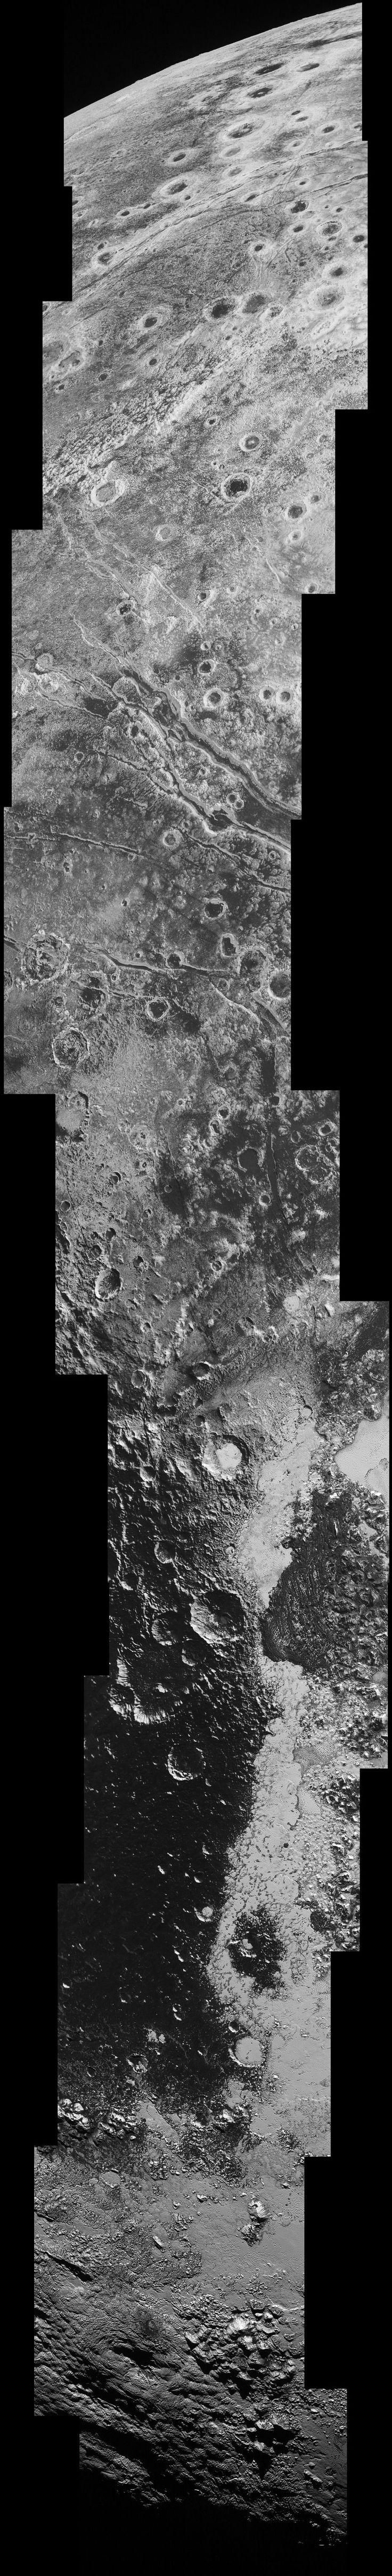 Une nouvelle image impressionnante de Pluton